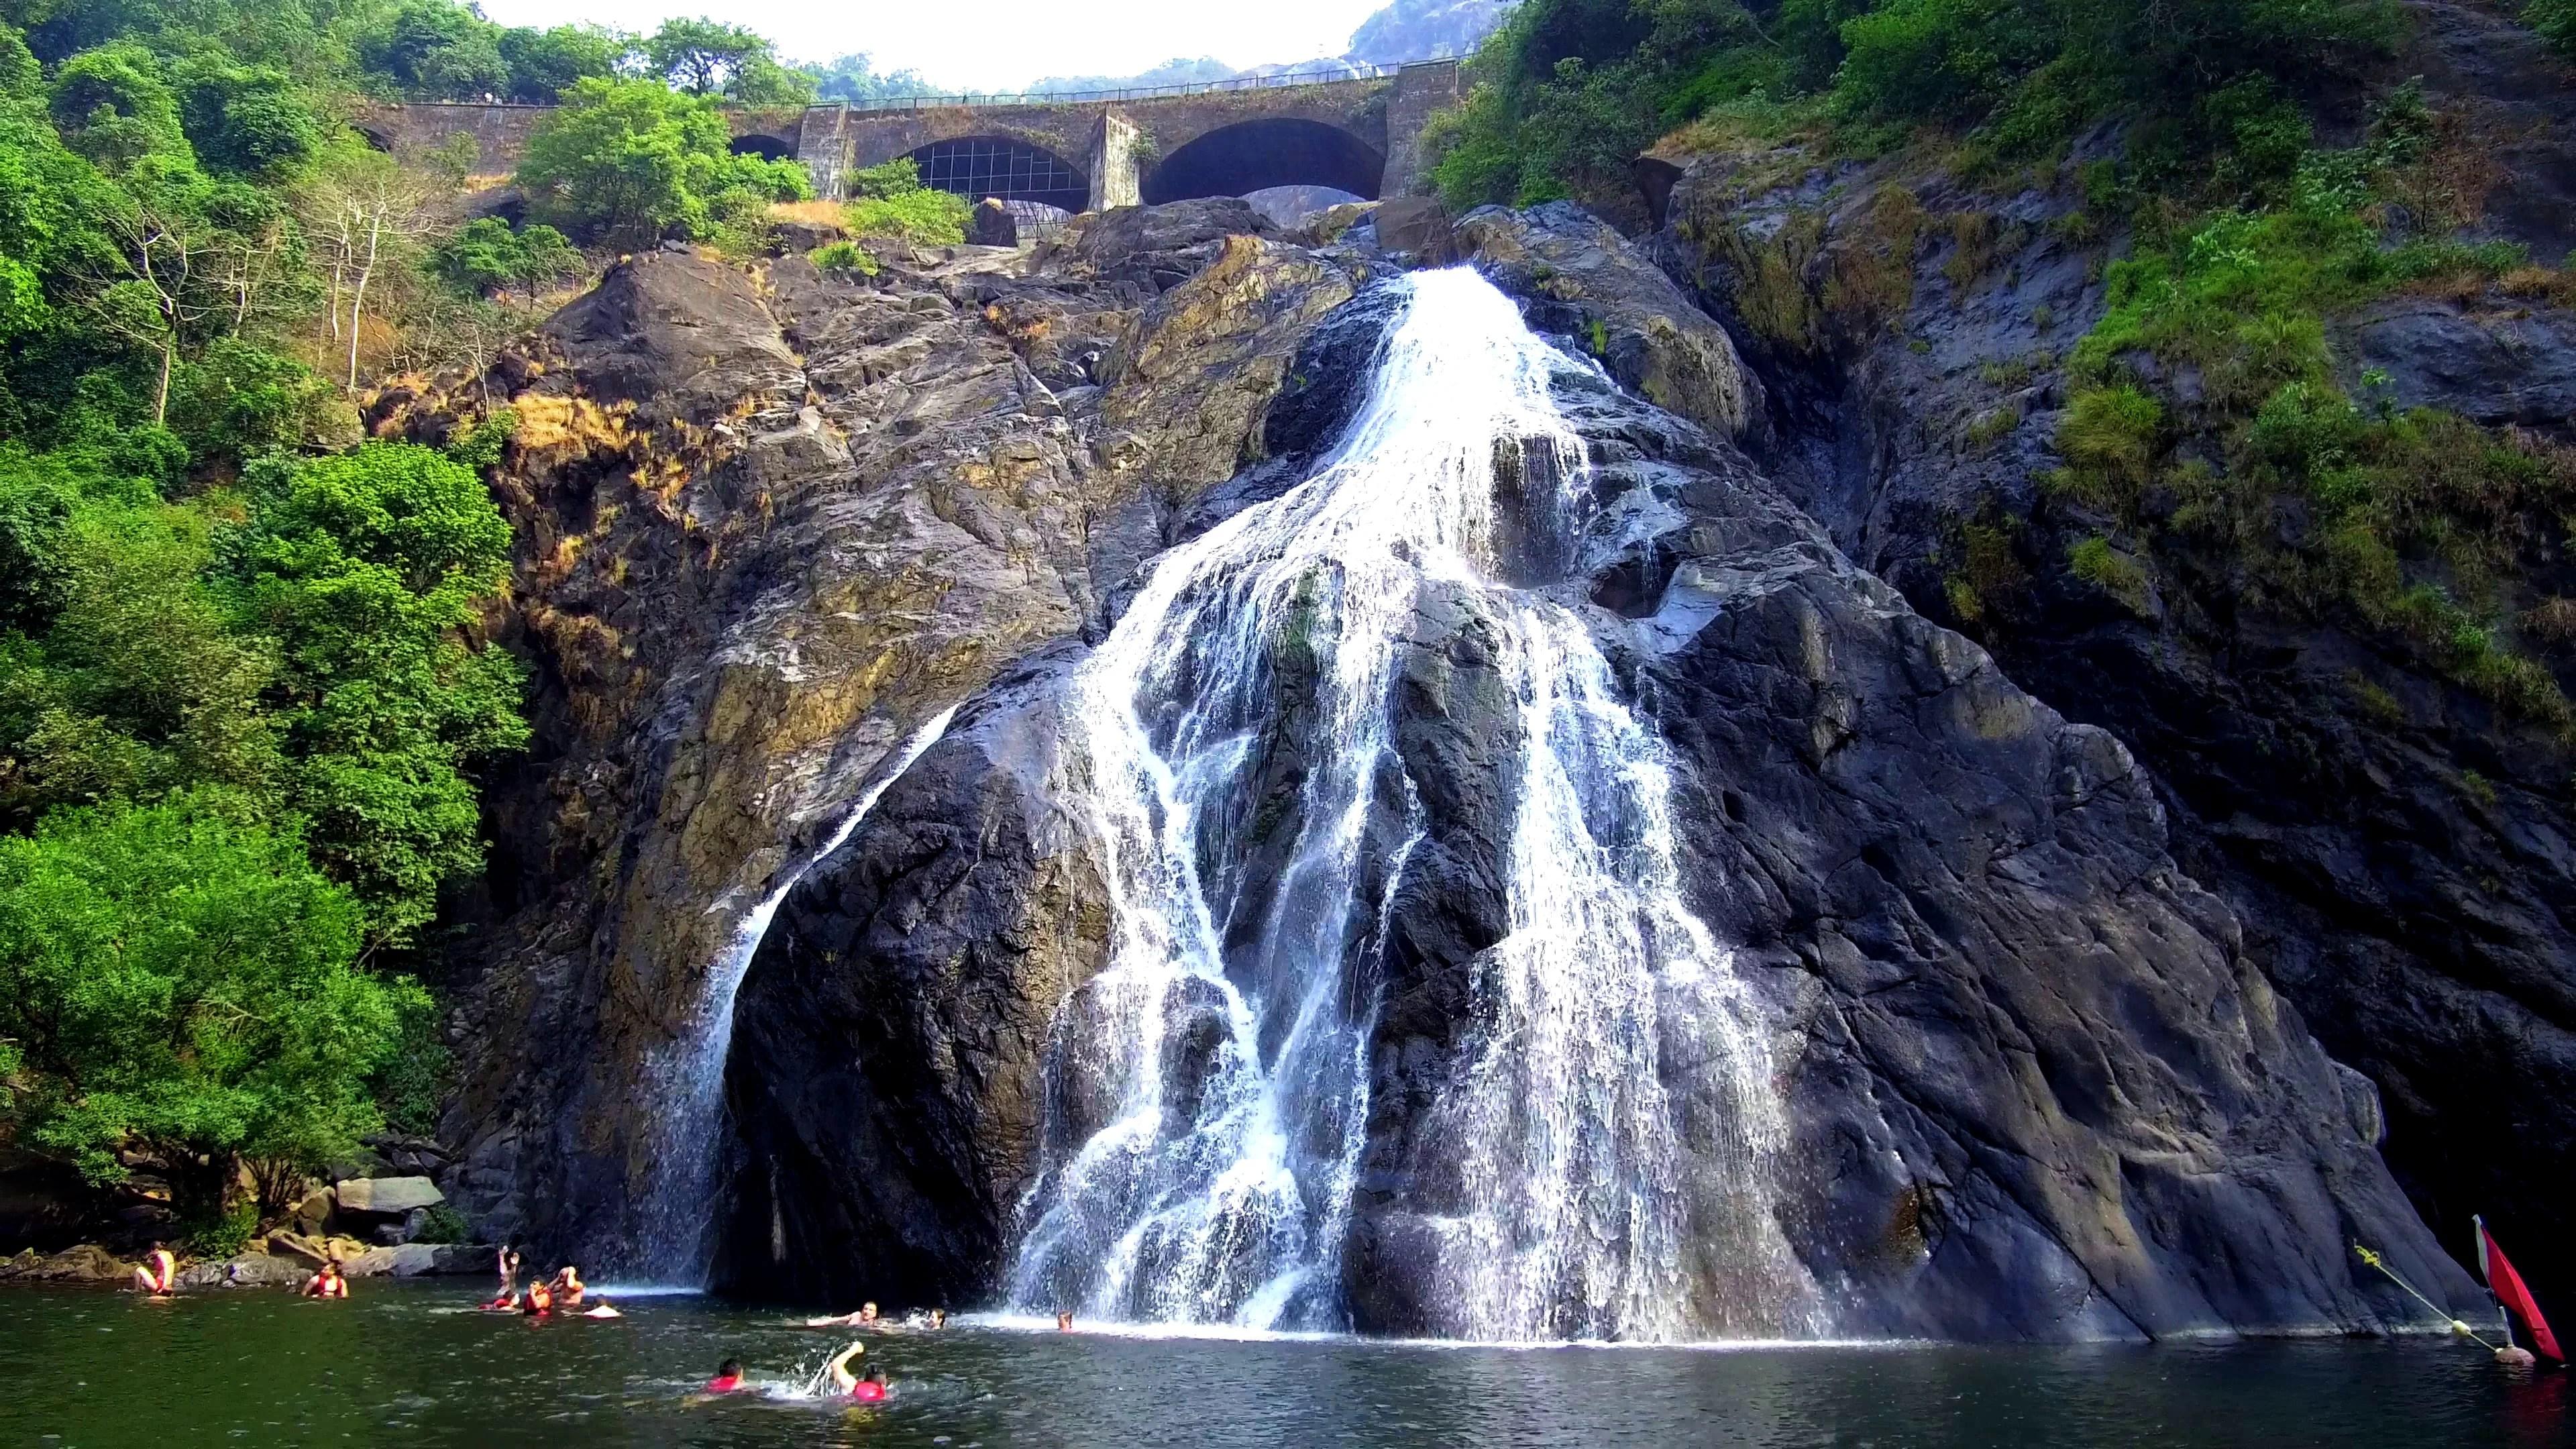 Jog Falls Hd Wallpaper Dudhsagar Falls Hd Photos Impremedia Net